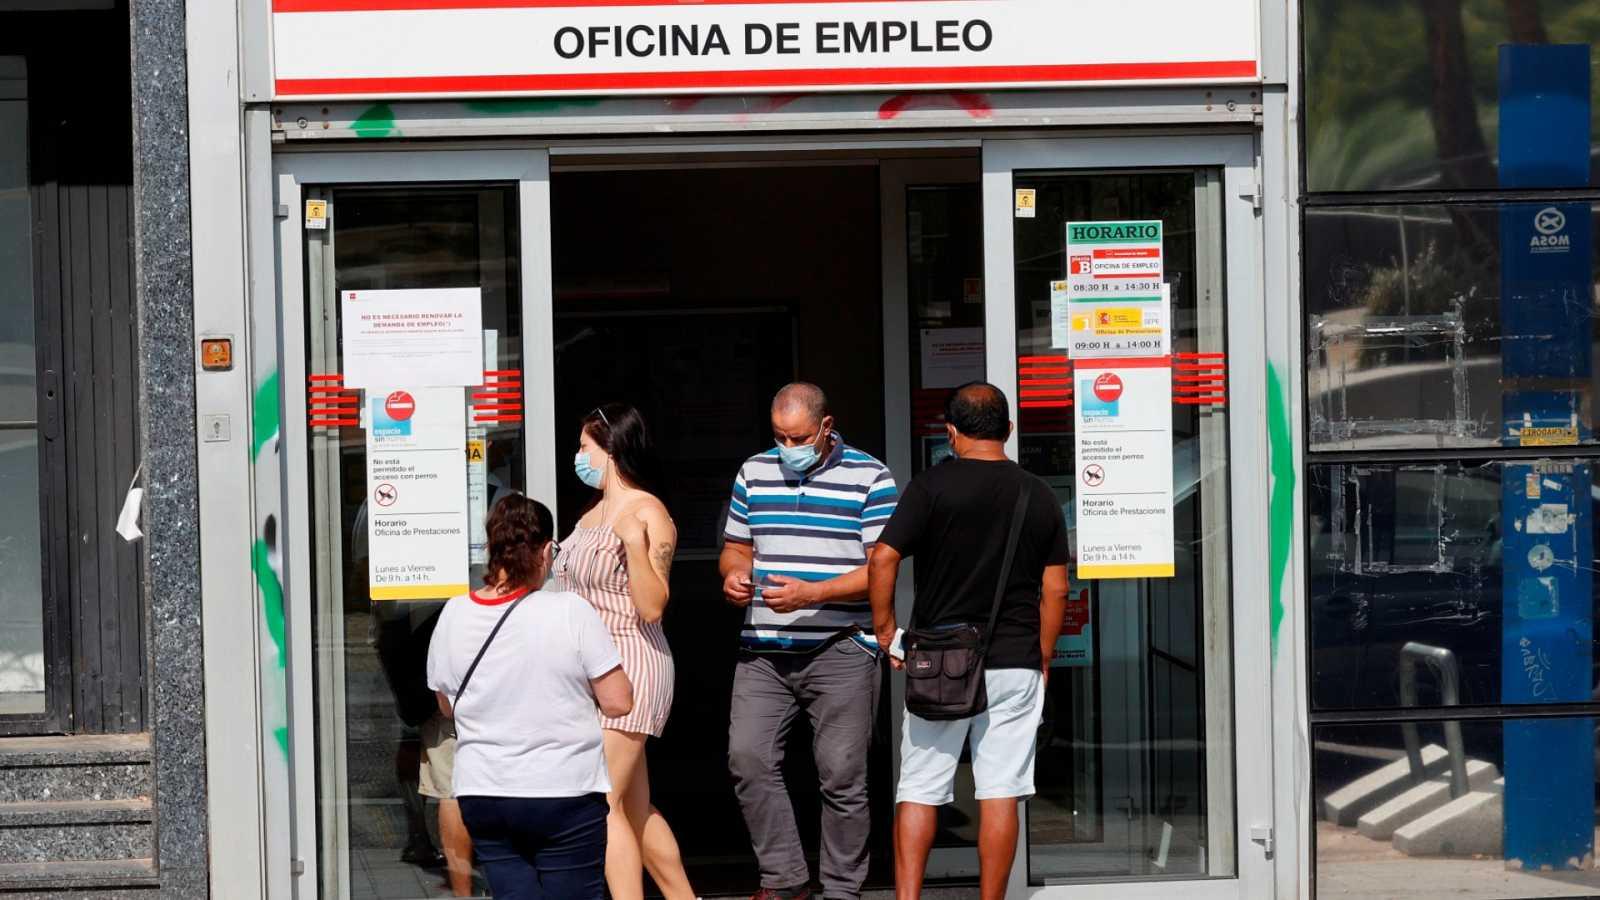 España registra en julio una caída histórica del paro